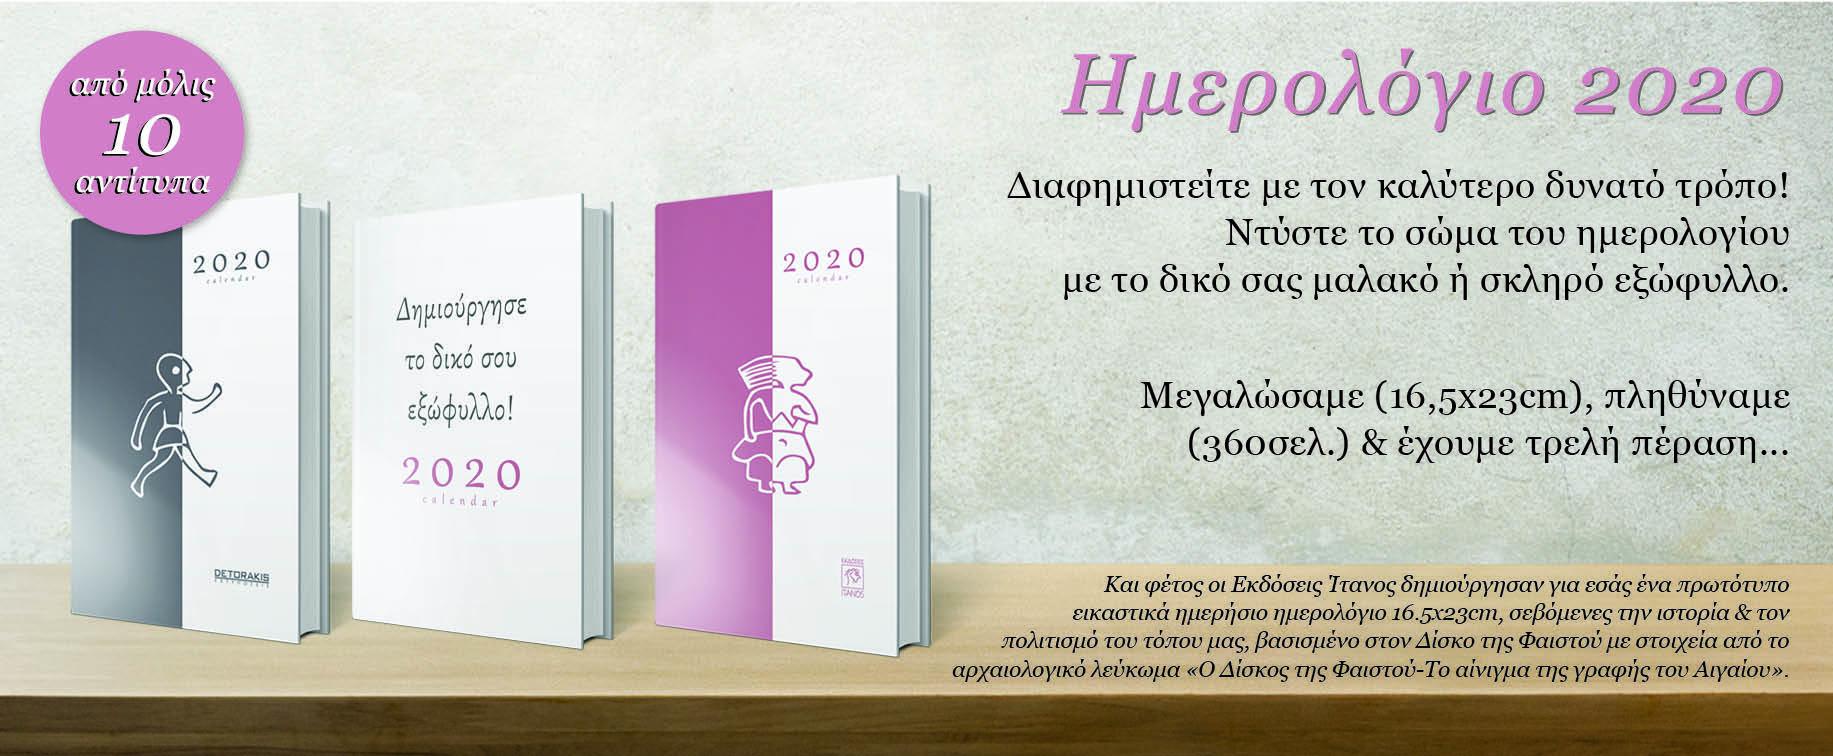 Ημερολόγια 2020